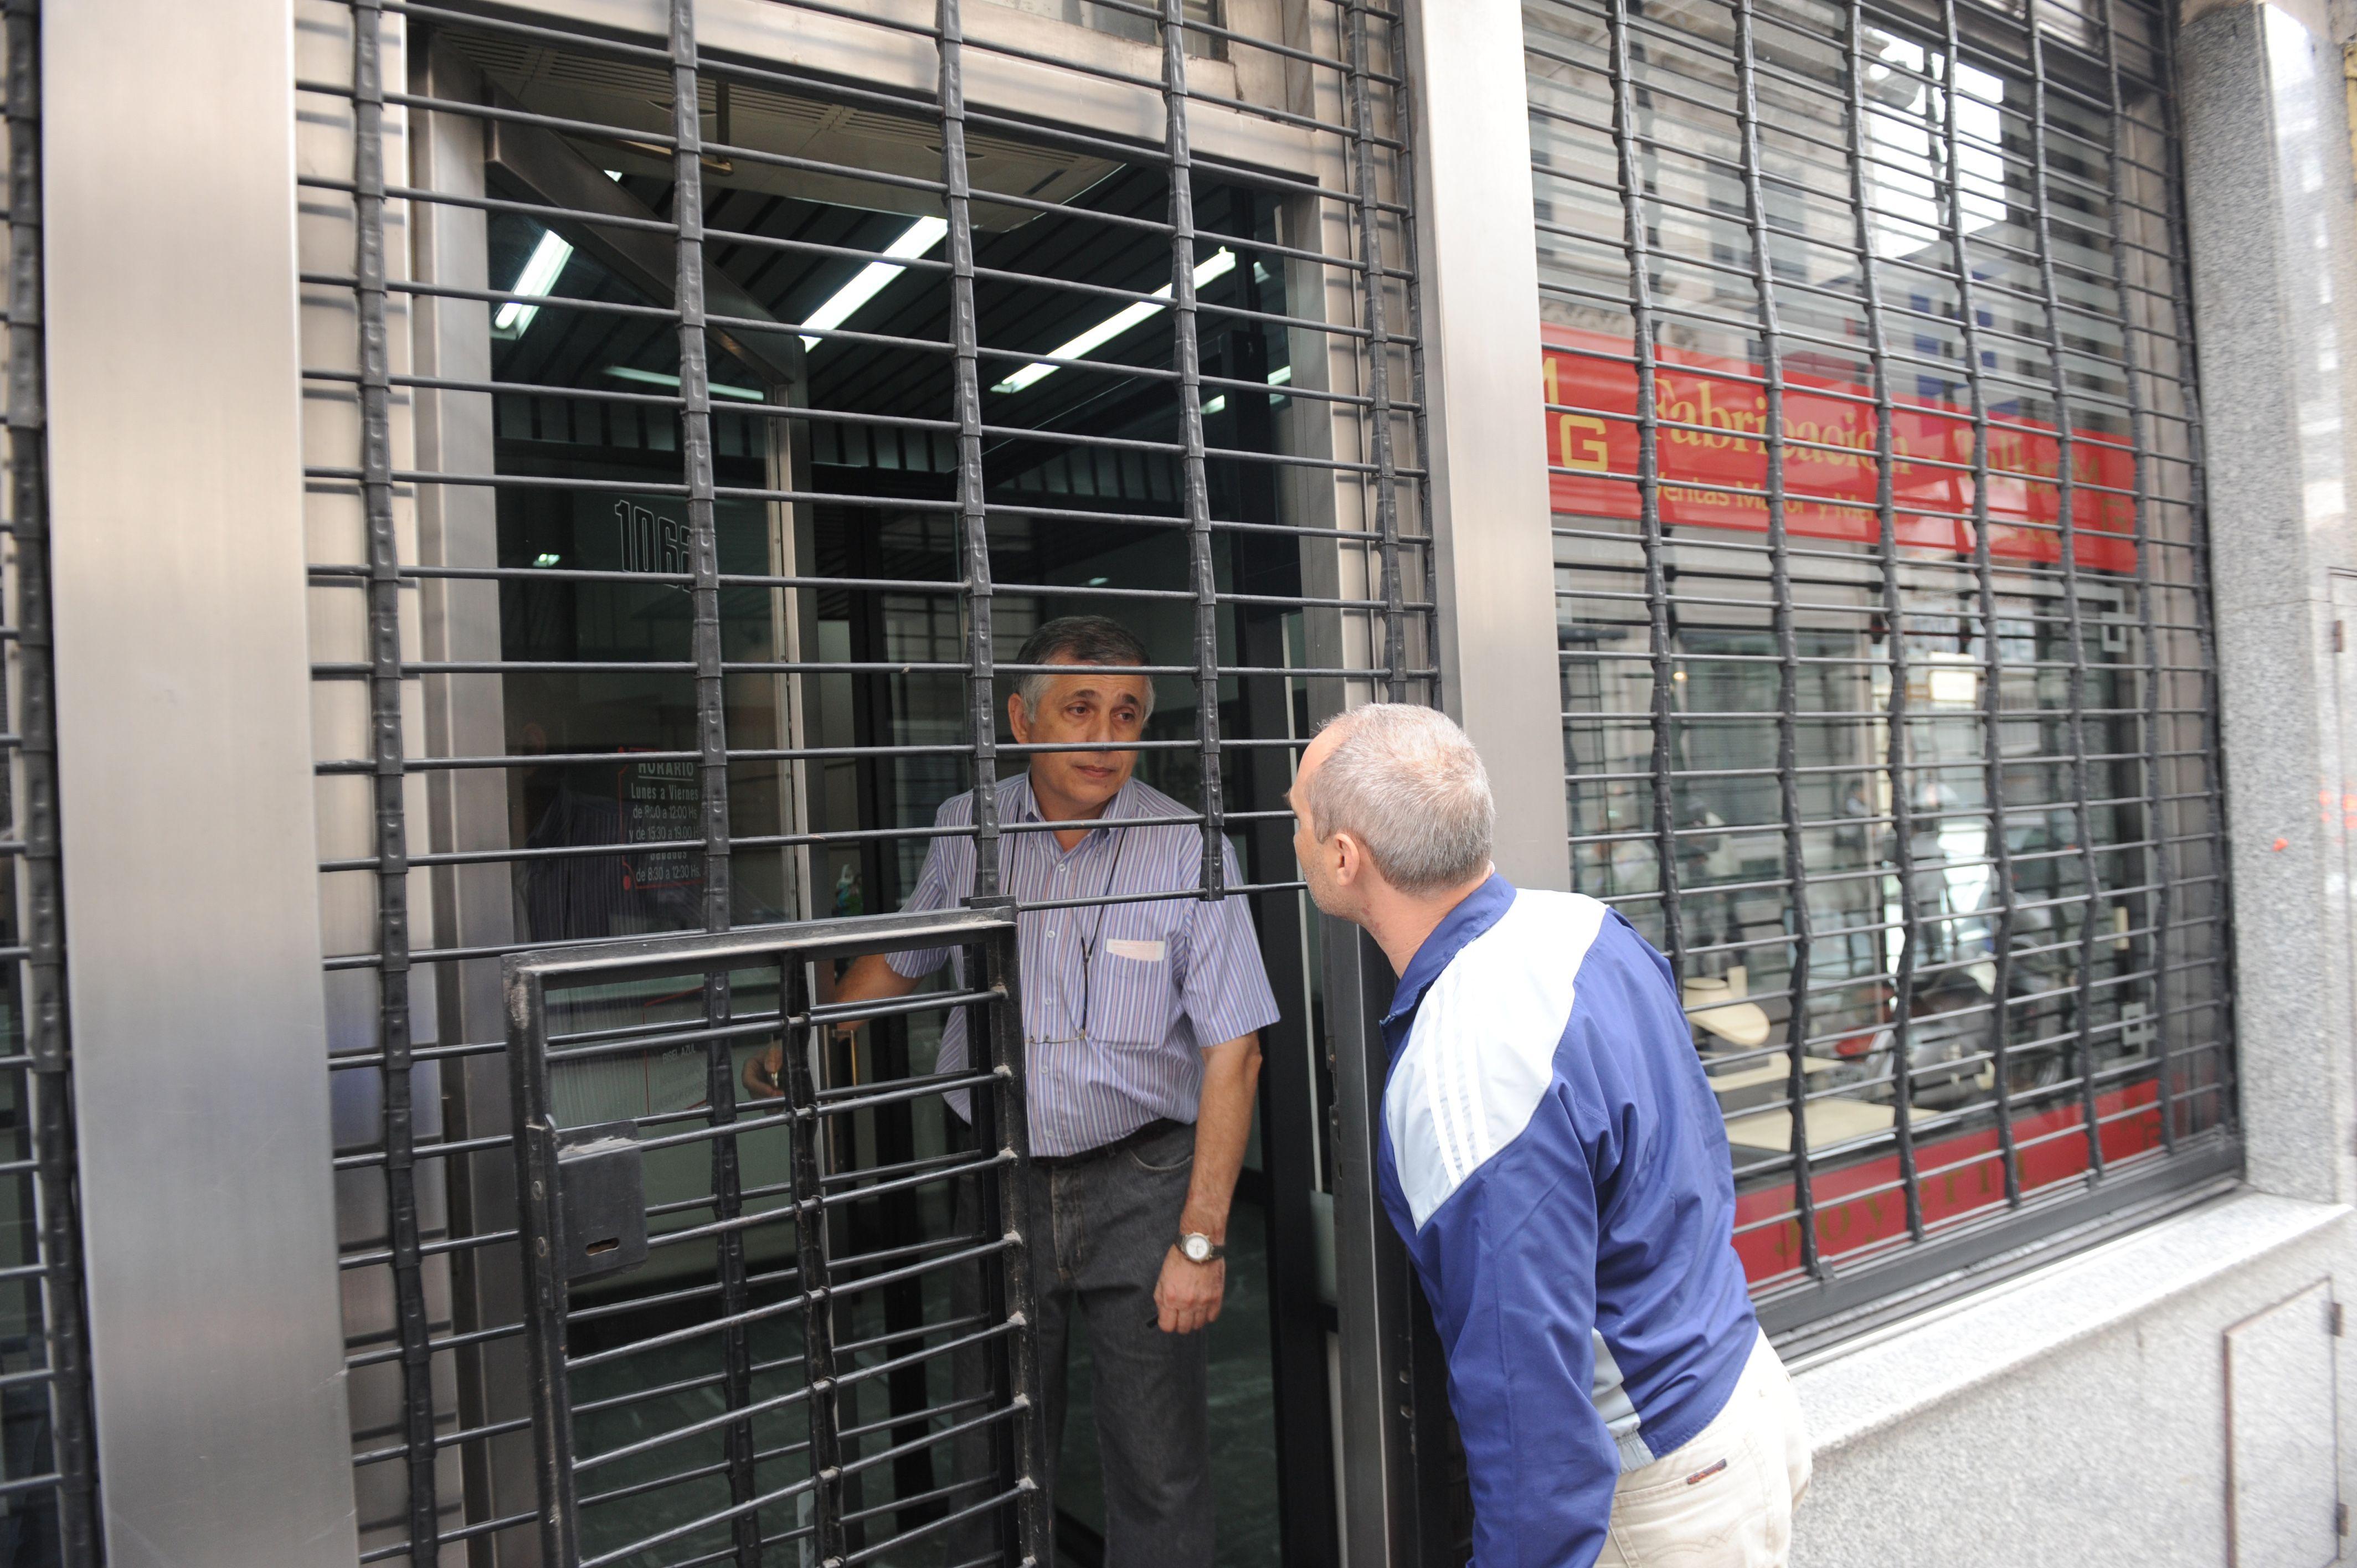 Los empleados de la joyería de Maipú 1062 no pudieron superar el temor a la hora de enfrentar a la prensa.